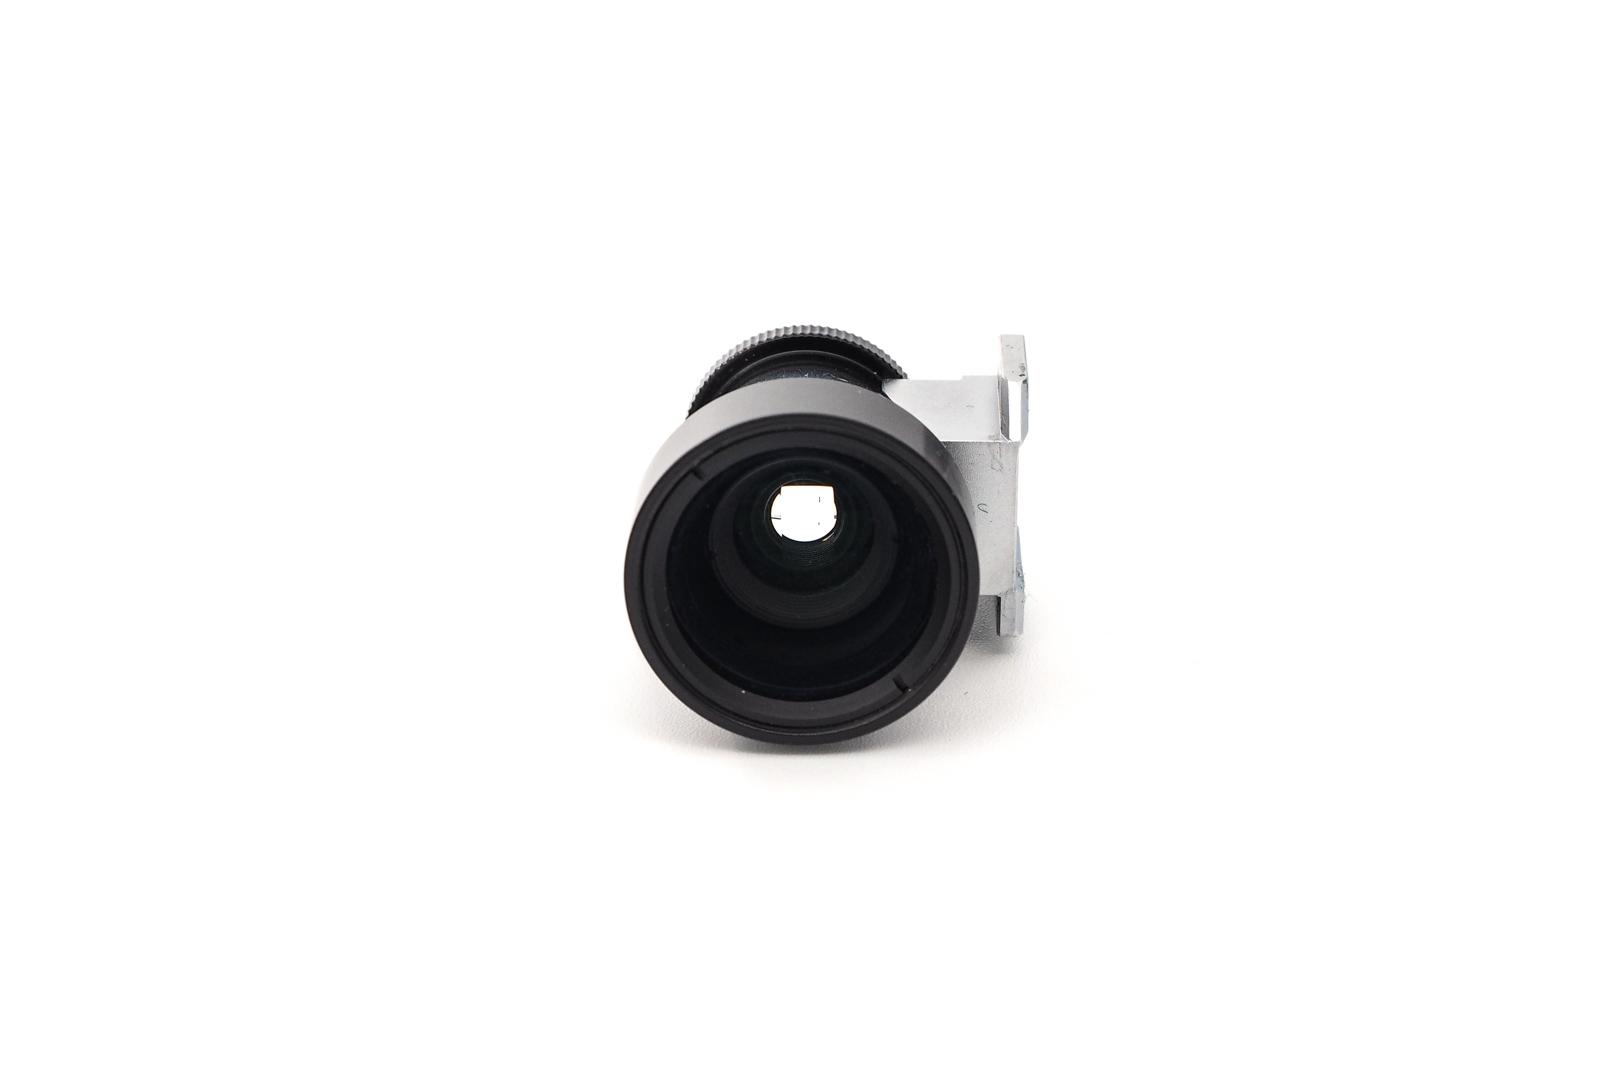 voigtländer 35mm sucher